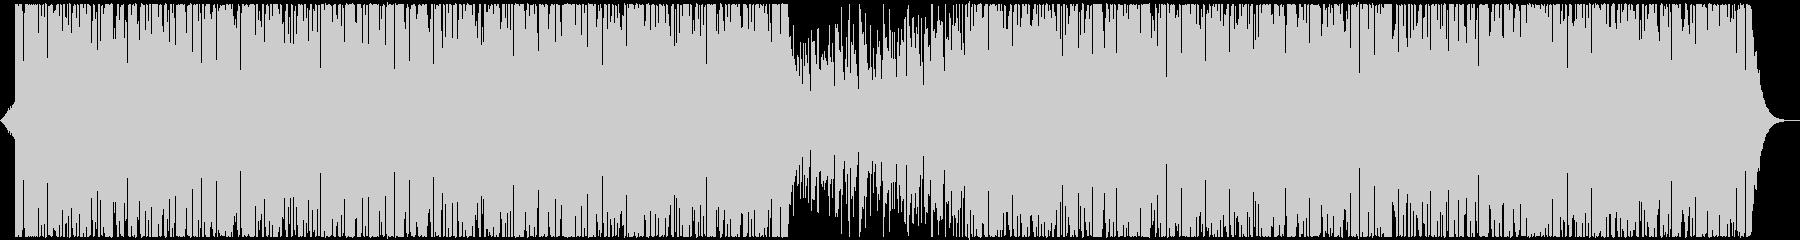 キラキラで切ないミドルテンポEDMの未再生の波形